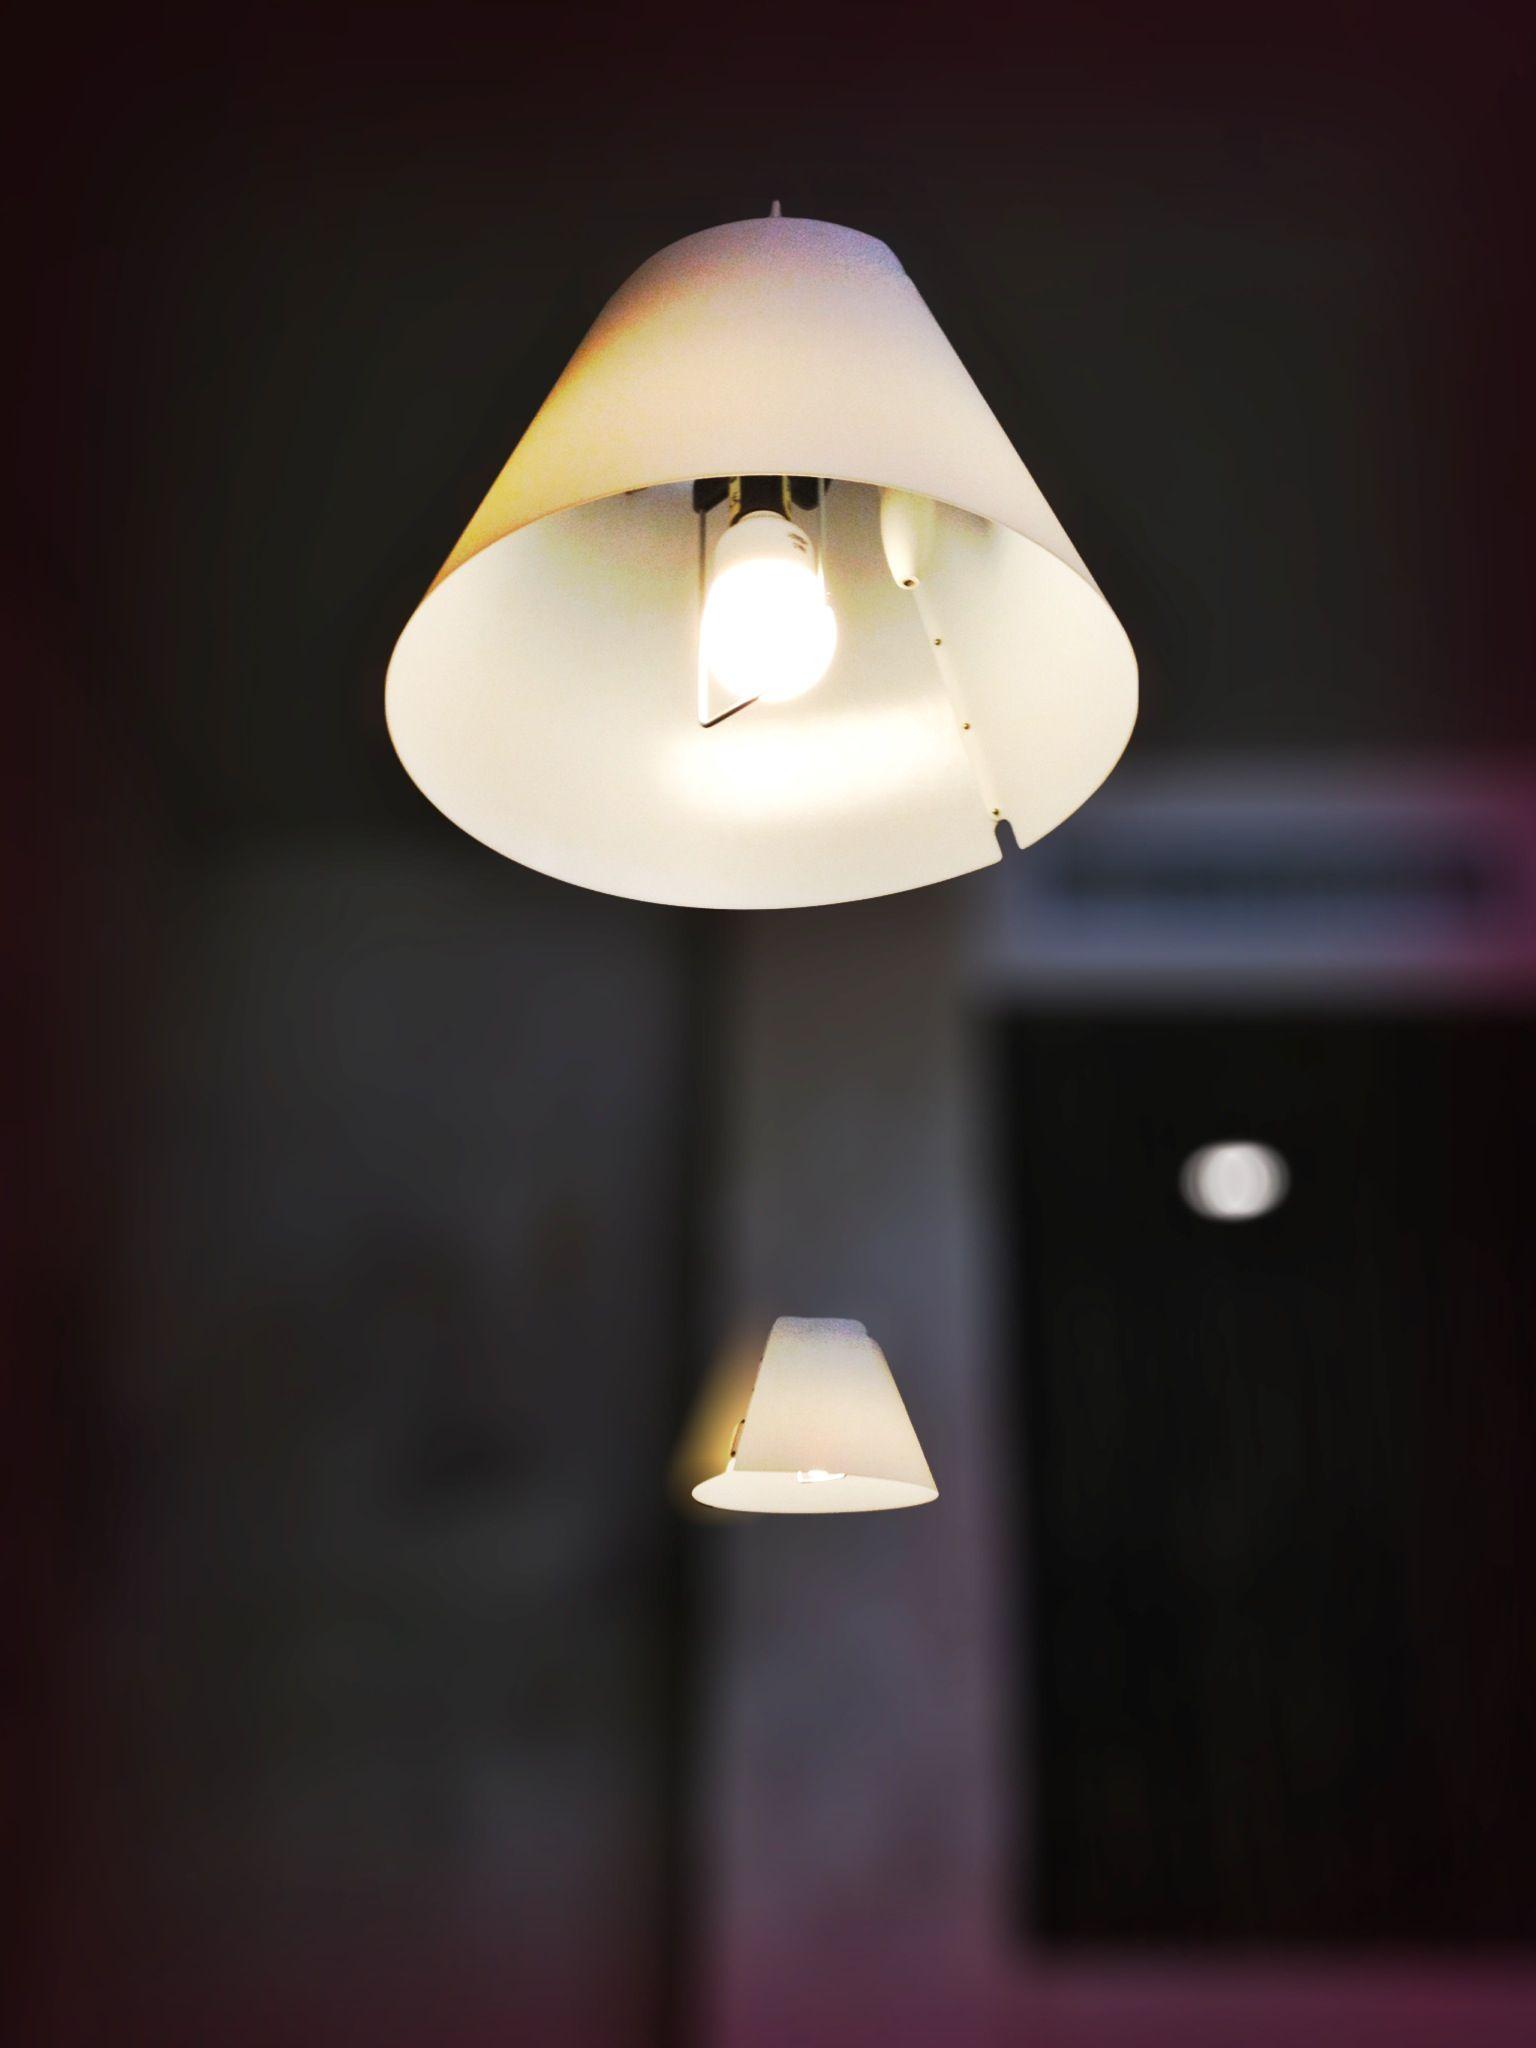 Luceplan S Costanza Pendant In A Tavern In St Moritz Switzerland Modern Light Fixtures Modern Lighting Design Wall Lights